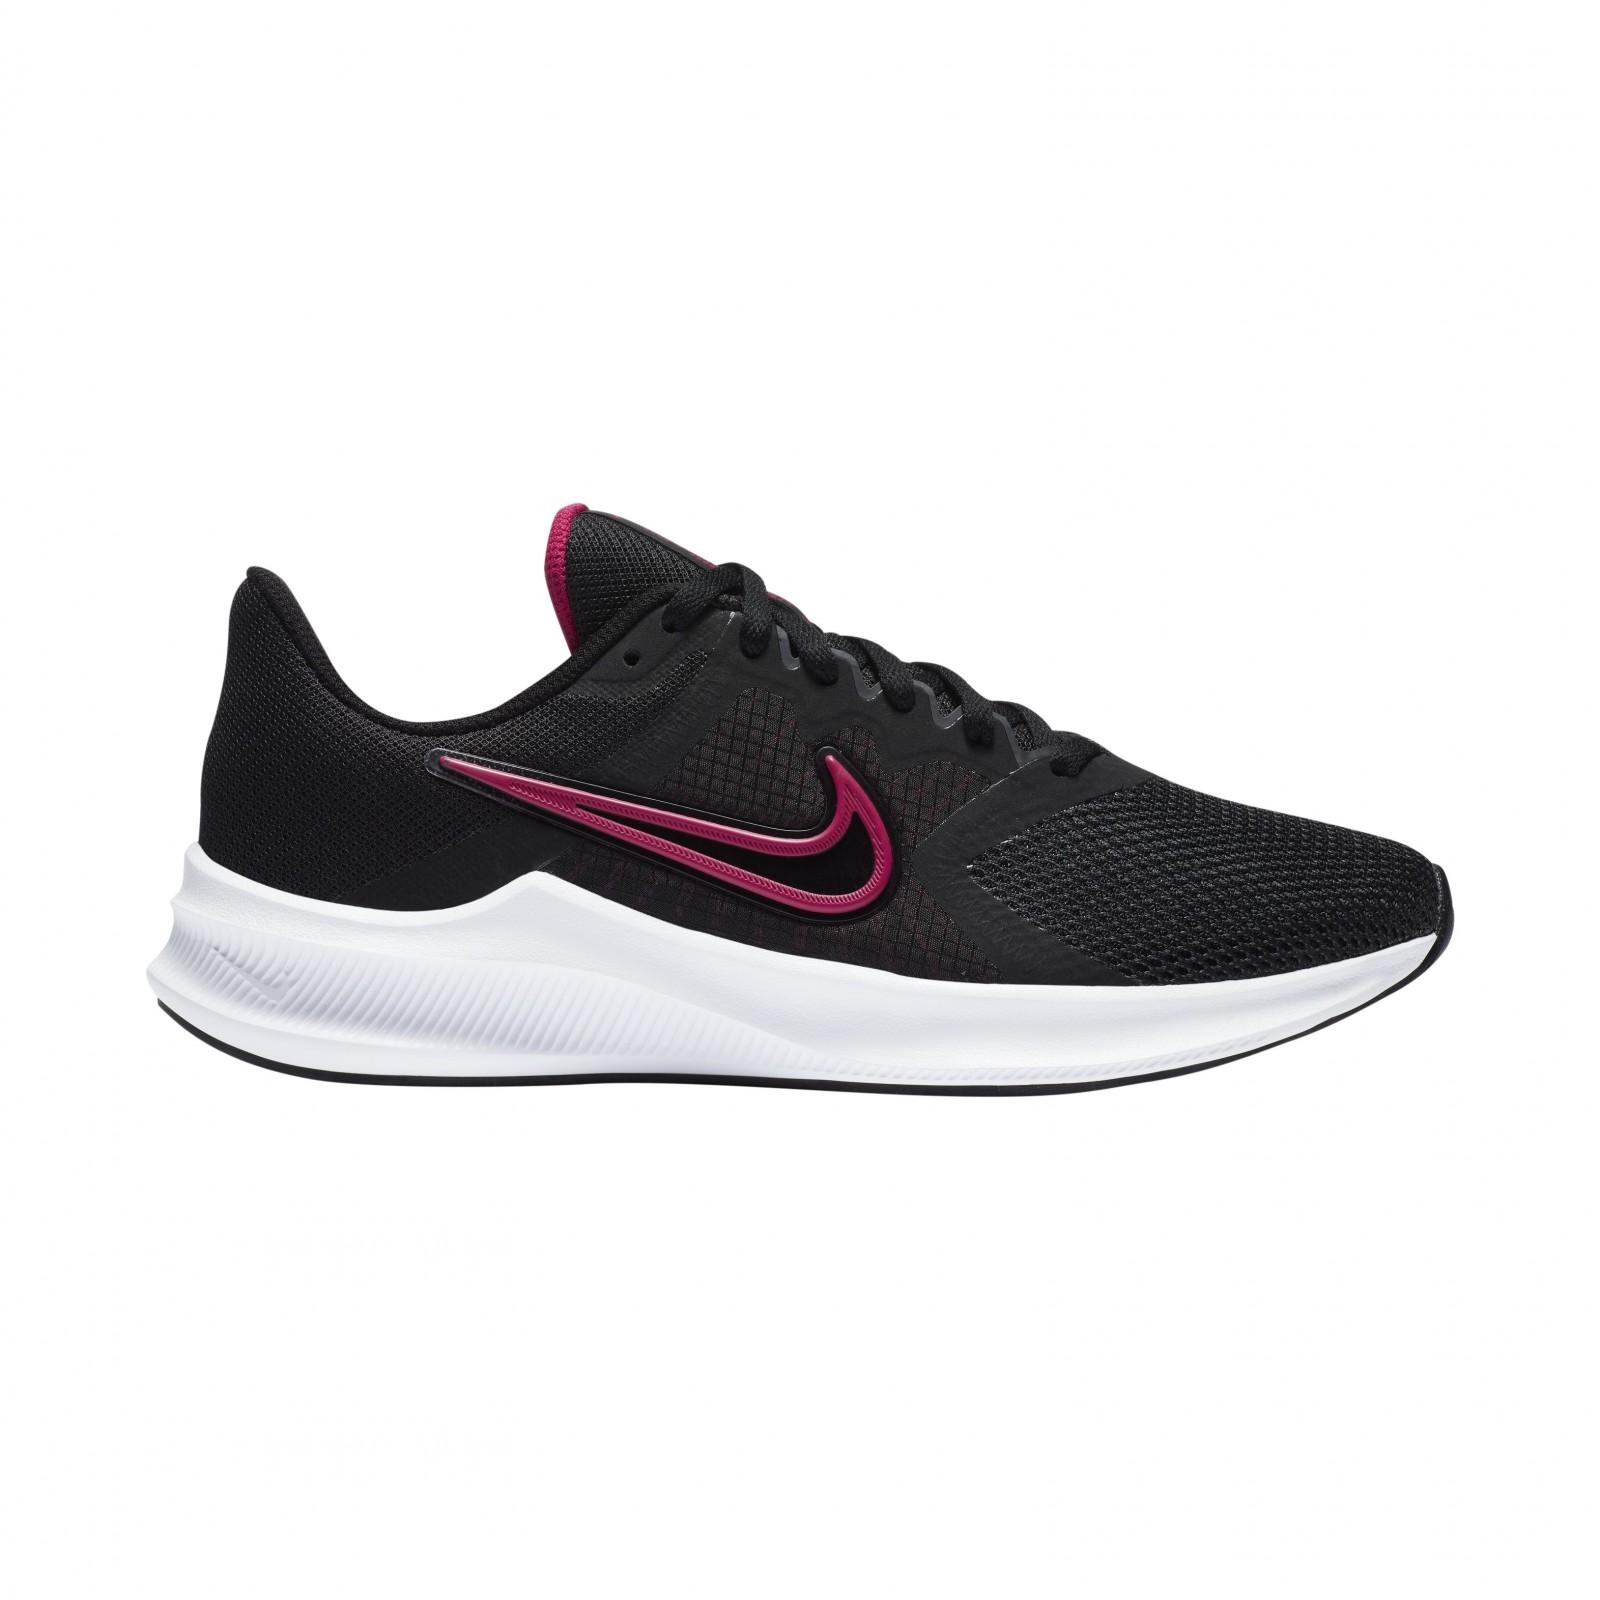 Nike Downshifter 11 BLACK/FIREBERRY-DK SMOKE GREY-WHITE